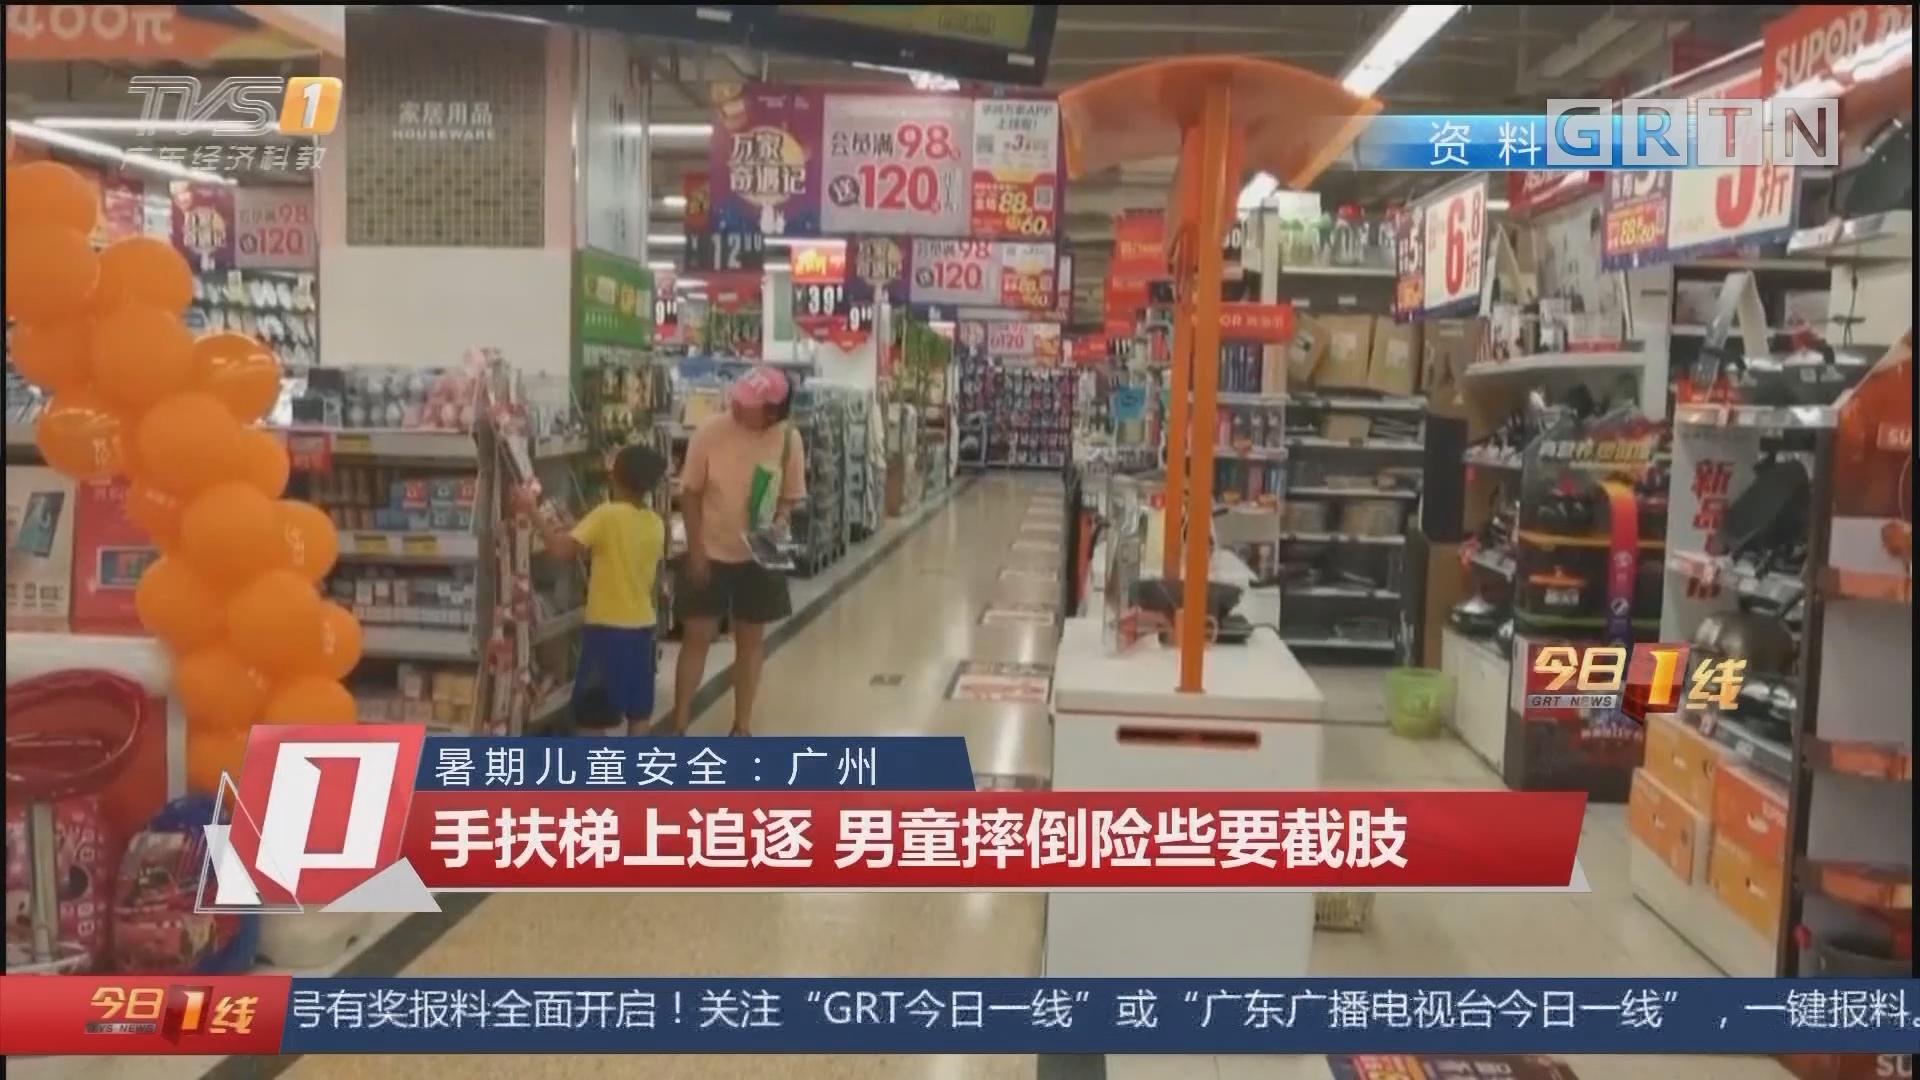 暑期兒童安全:廣州 手扶梯上追逐 男童摔倒險些要截肢